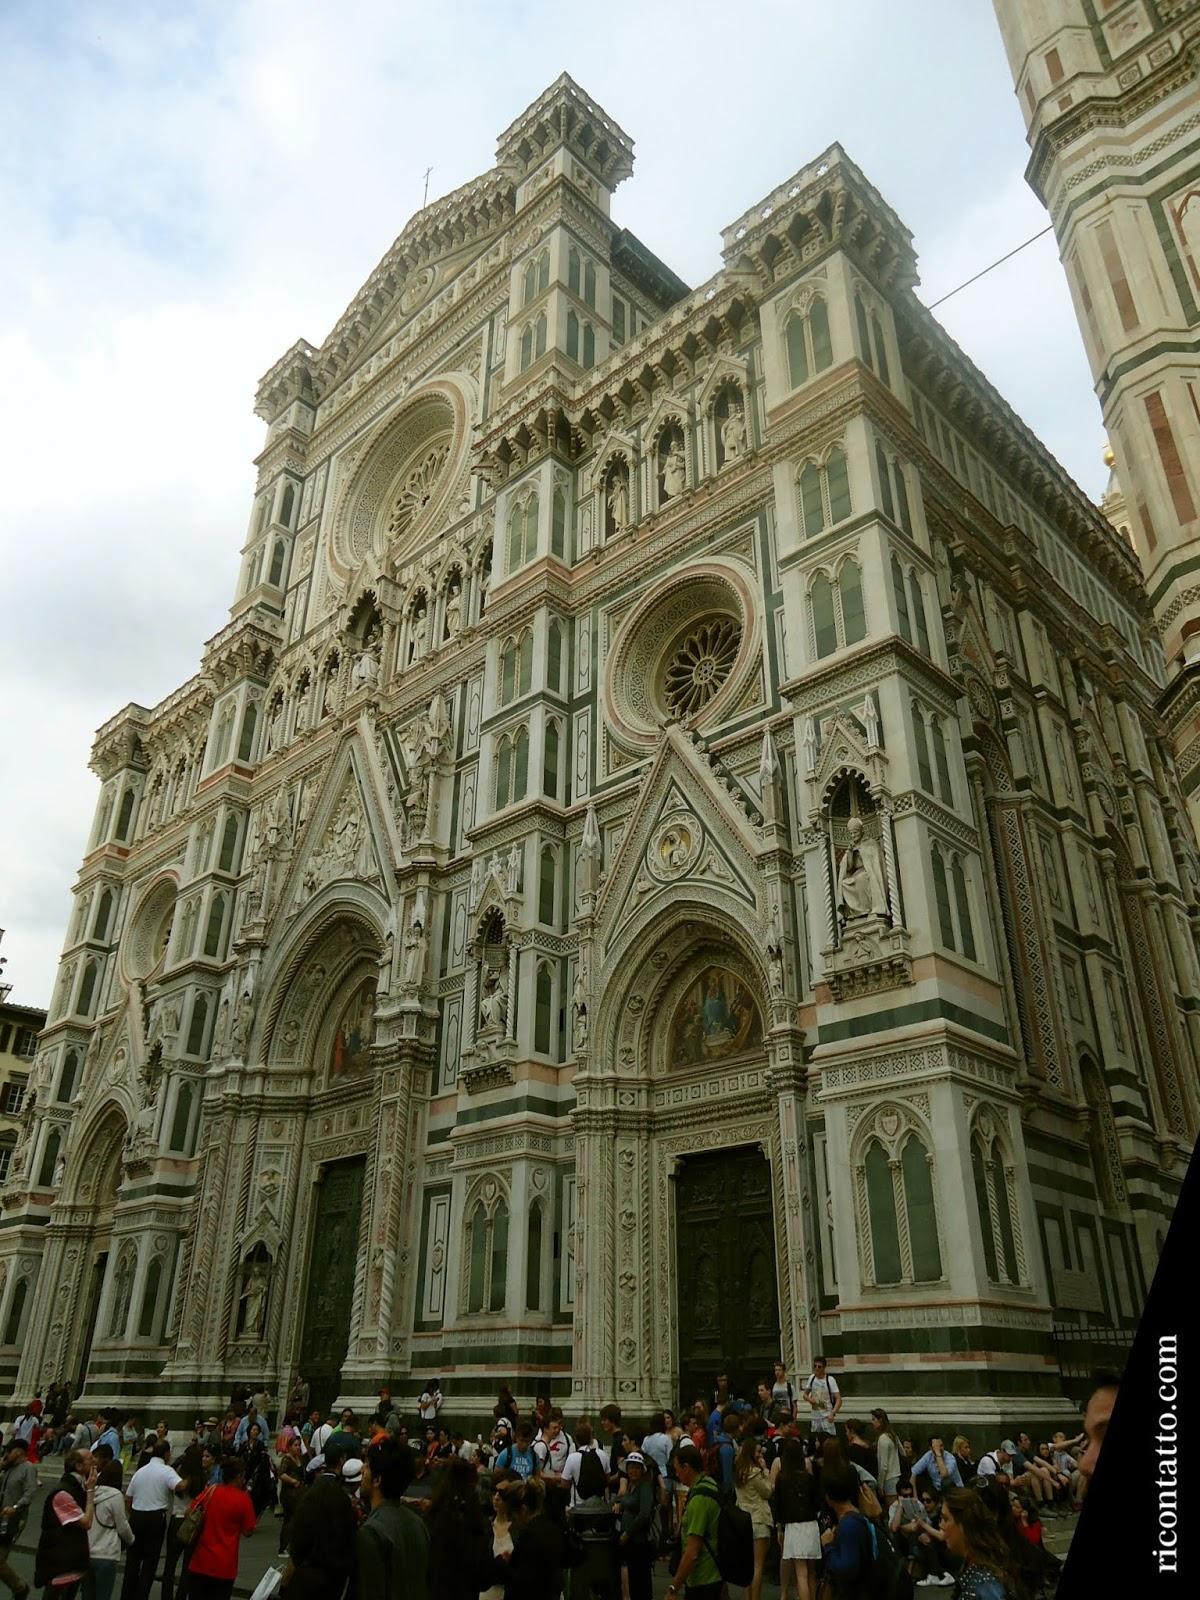 Firenze, Toscana, Italy - Photo #03 by Ricontatto.com